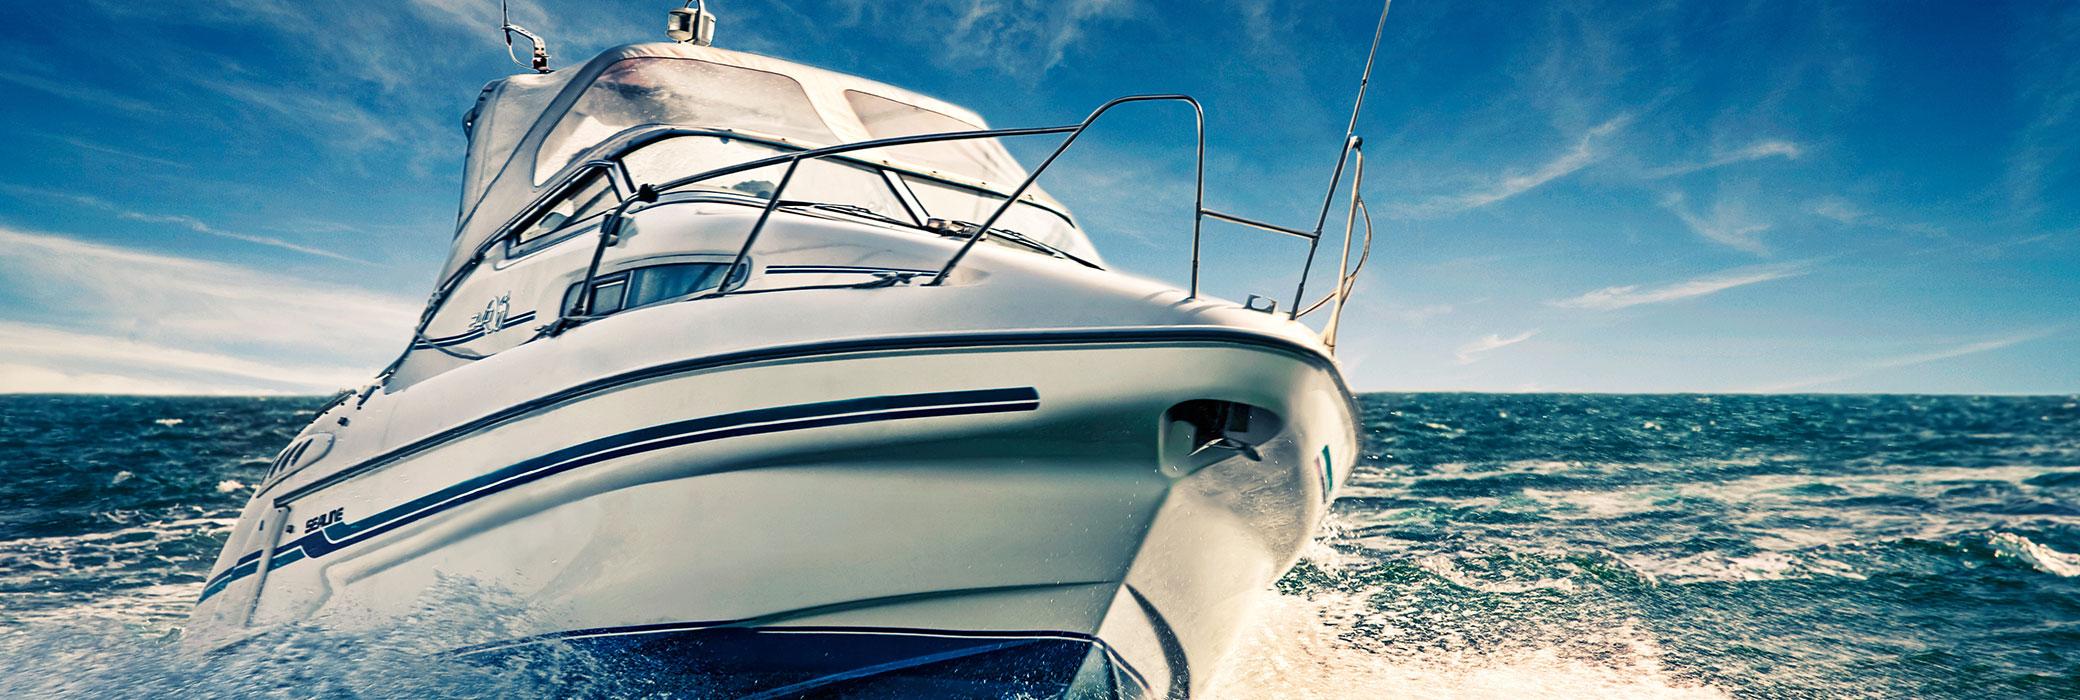 Een motorboot die snel over het water vaart